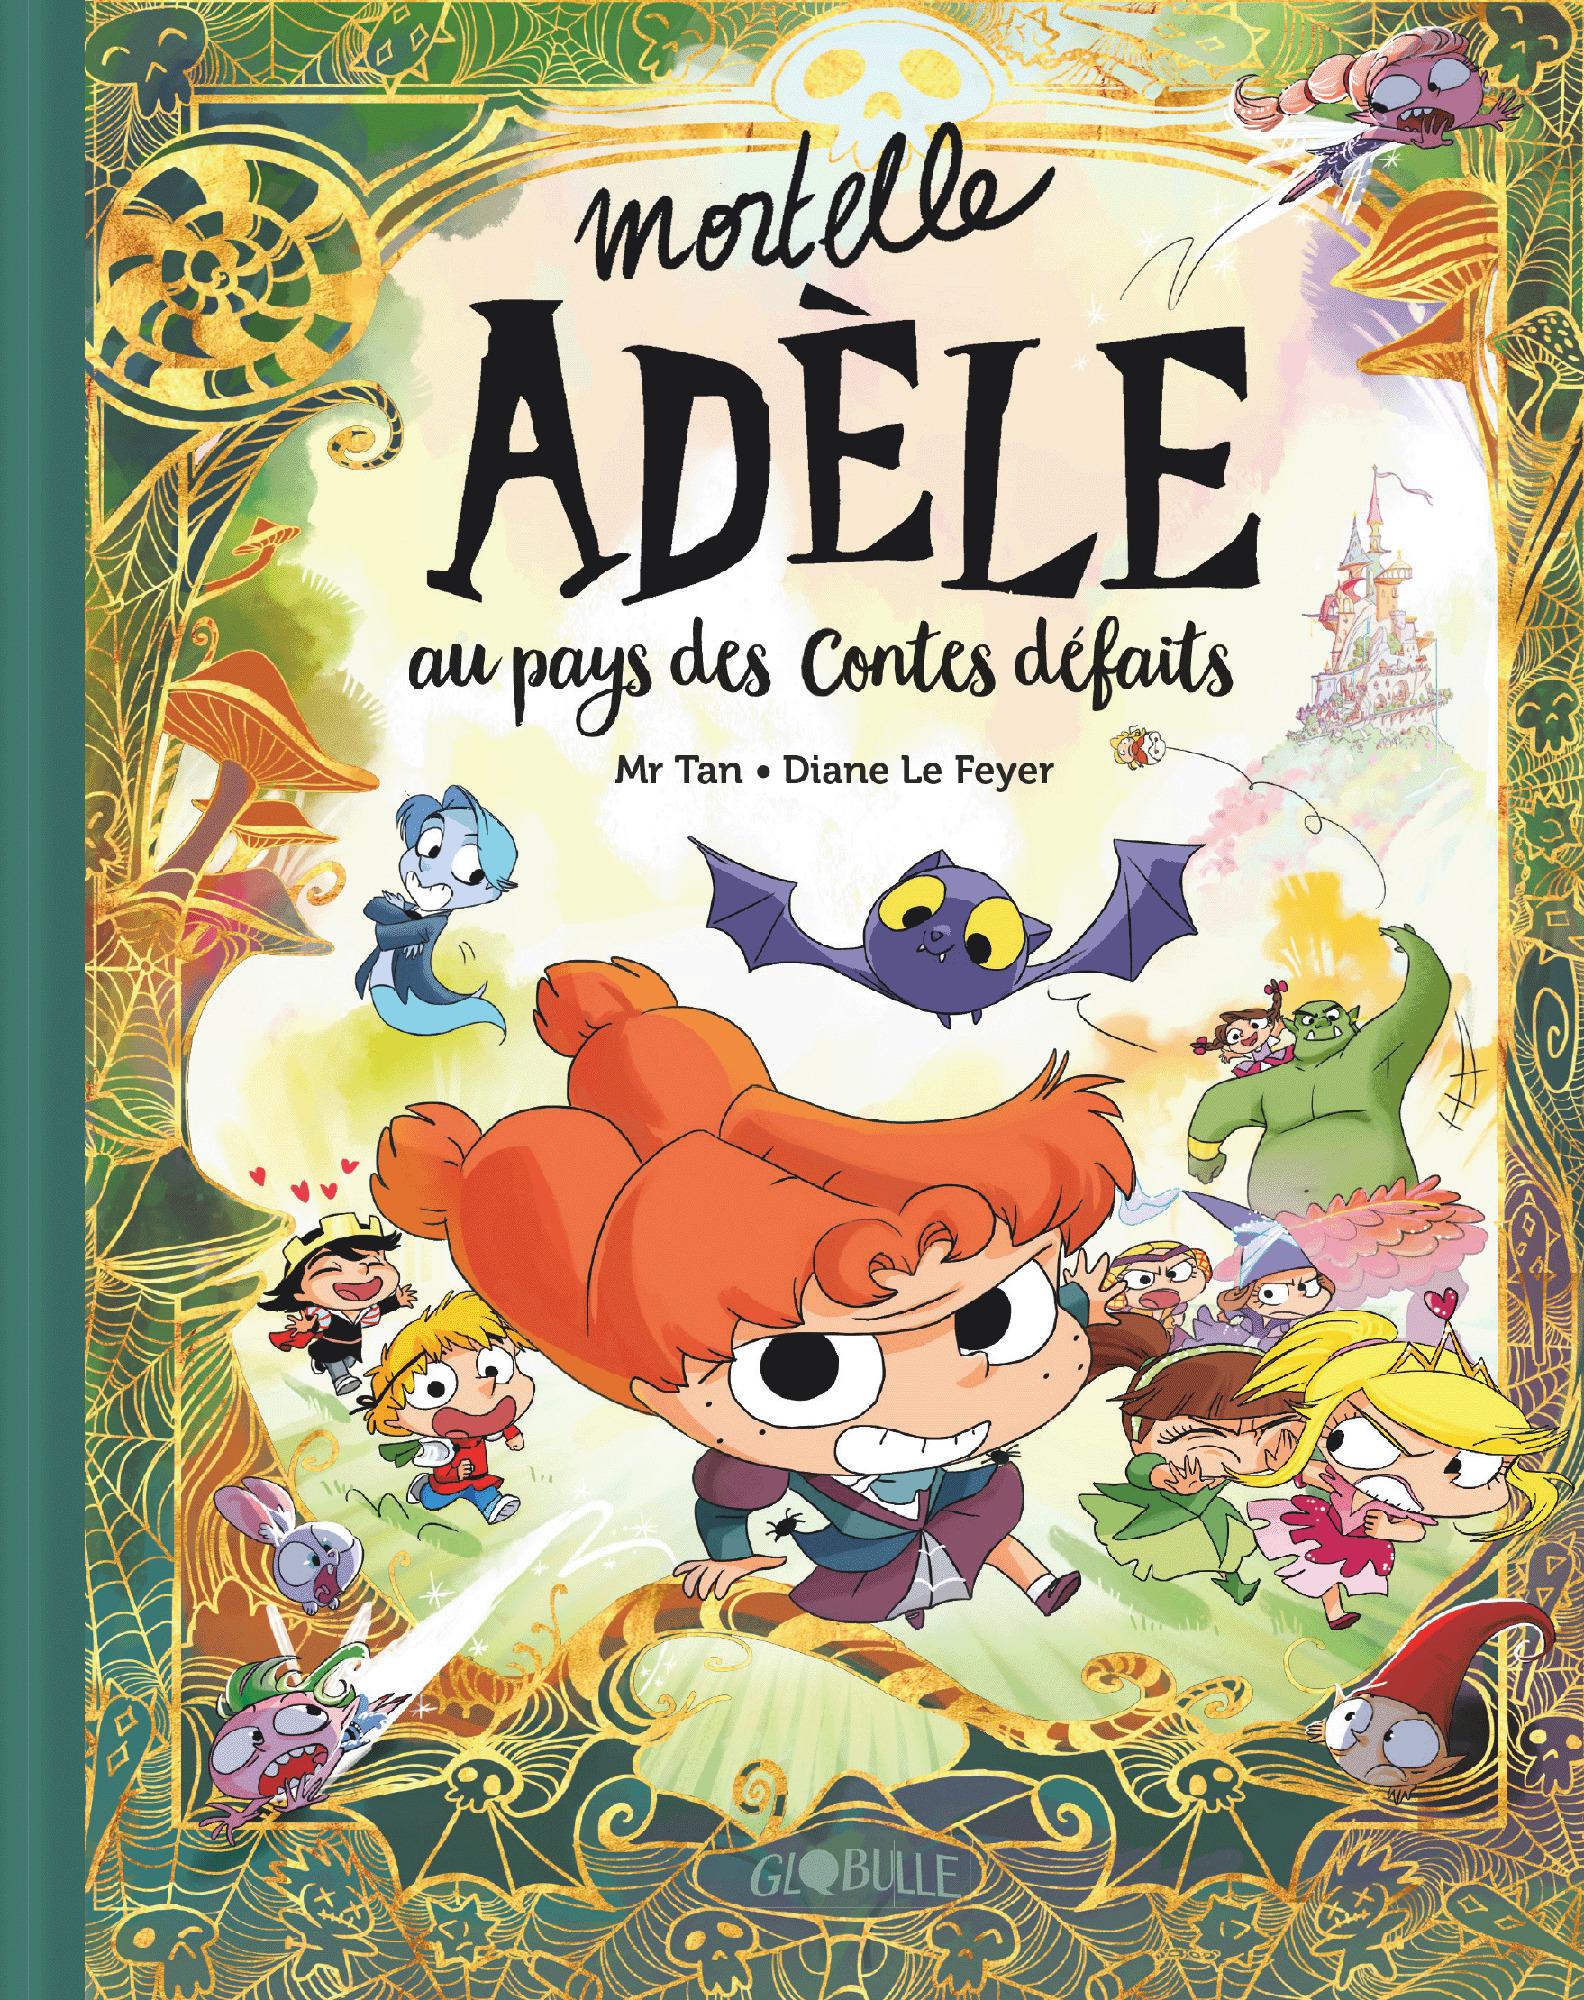 Mortelle Adèle 0 - Mortelle Adèle au pays des contes défaits